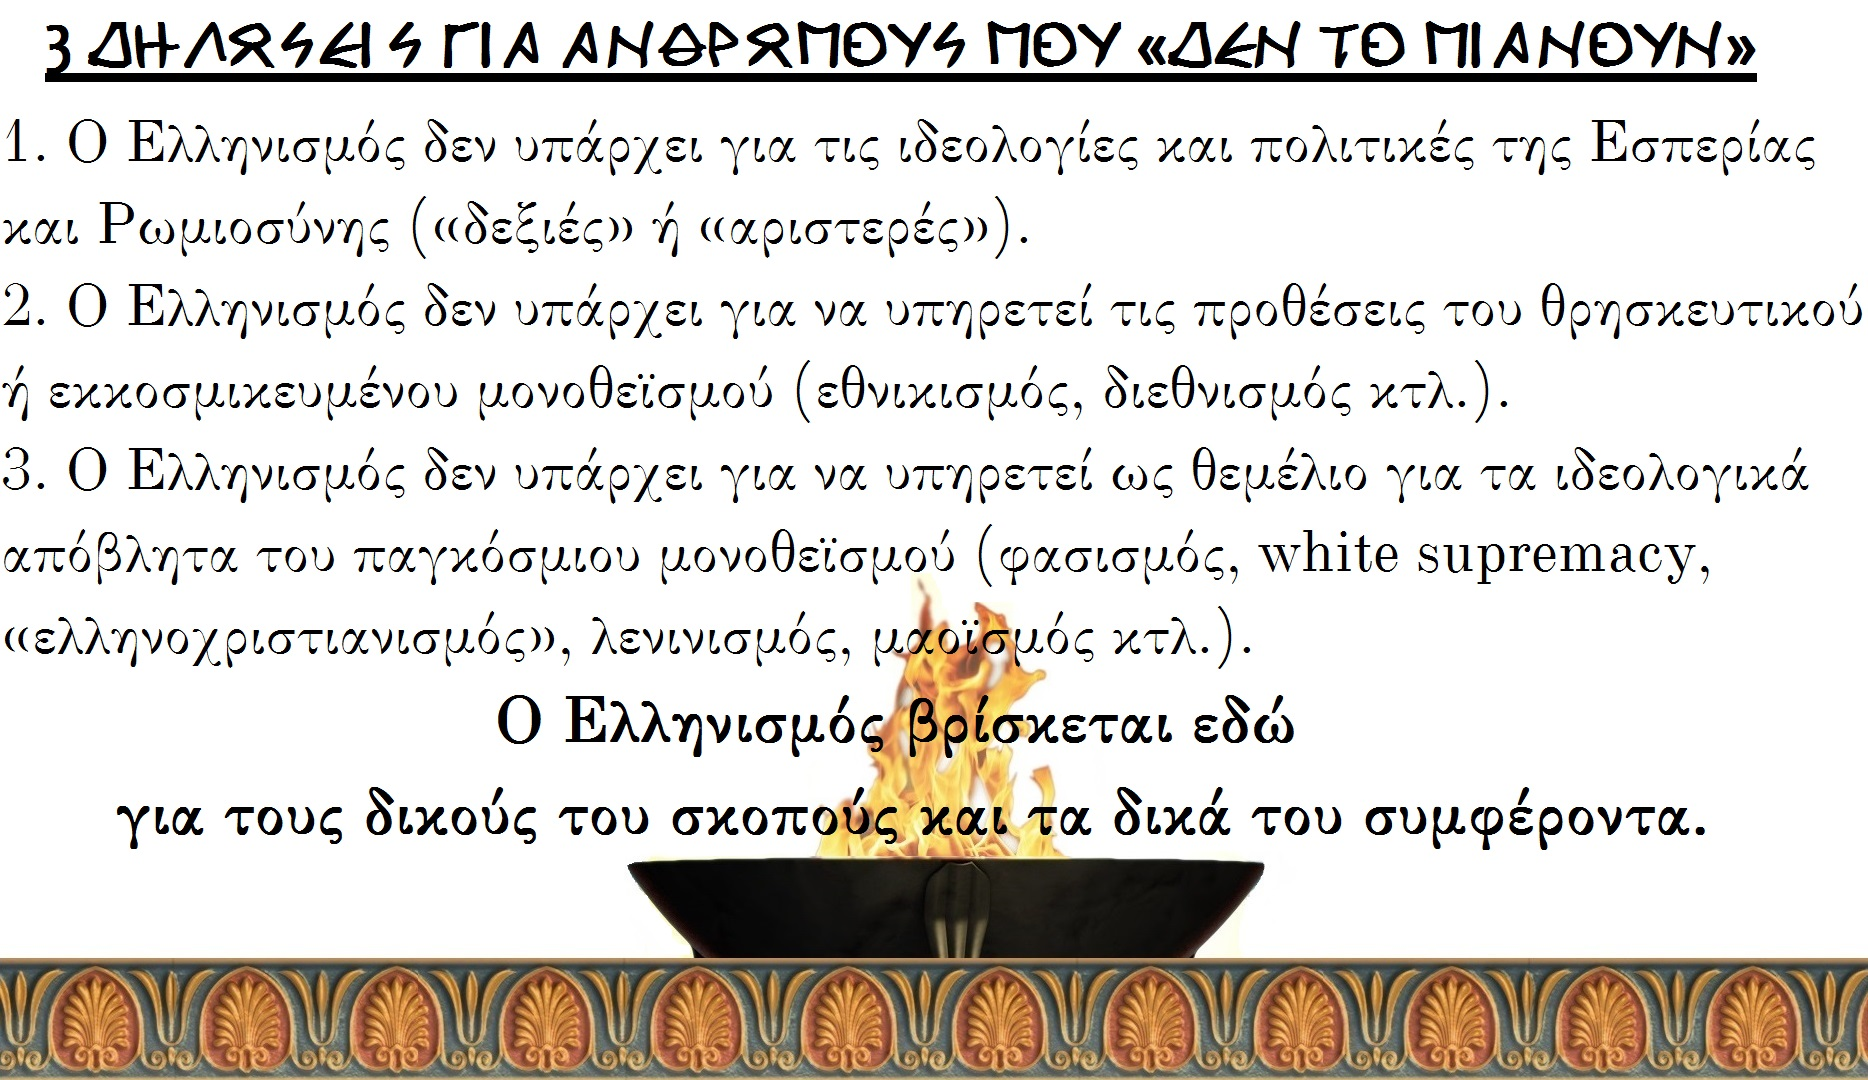 Ελληνισμός και ιδεολογίες